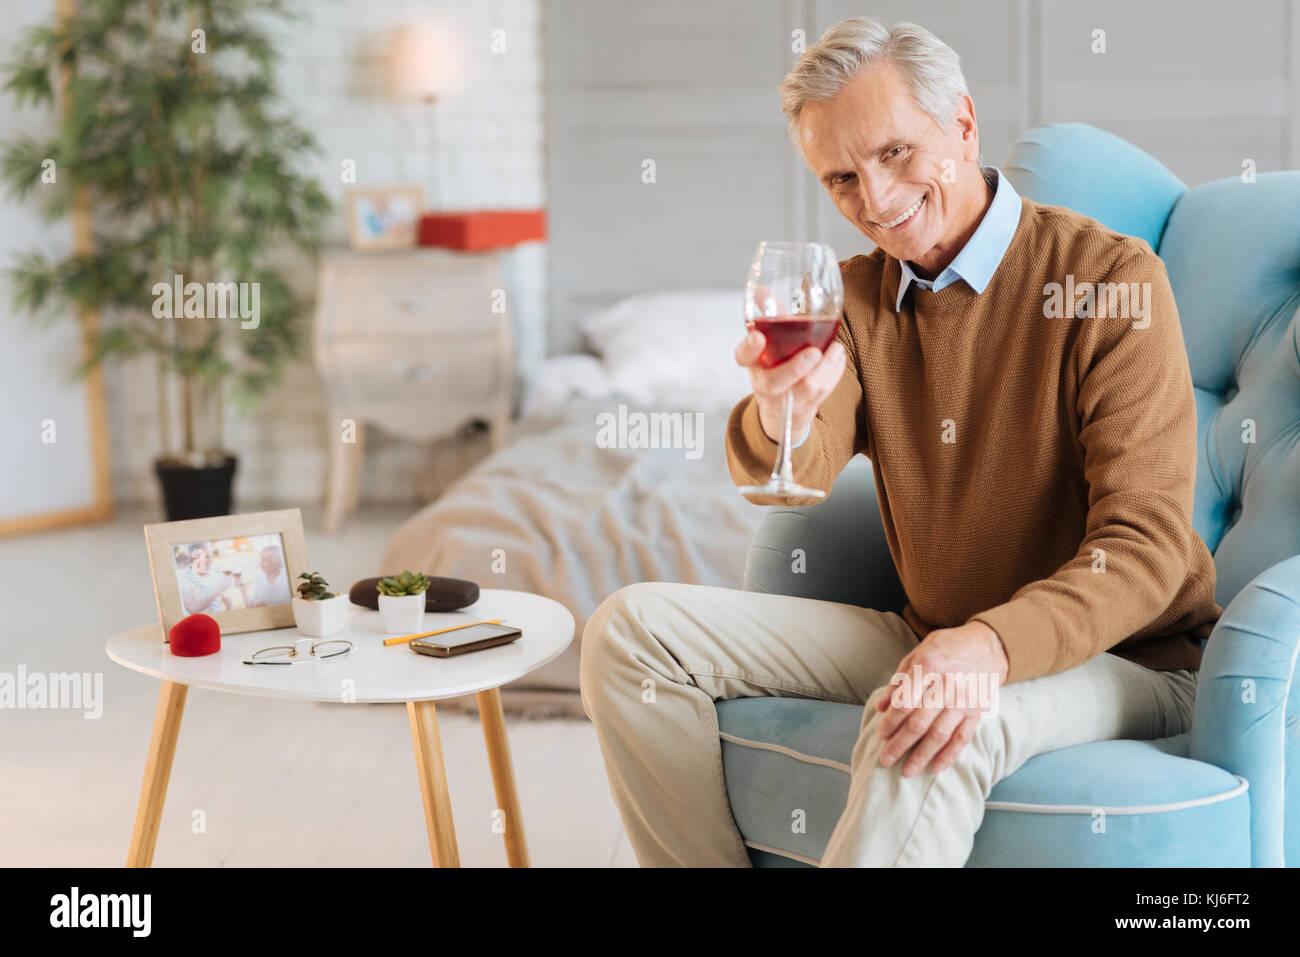 Senior alegre caballero con copa de vino sonriendo a la cámara Imagen De Stock